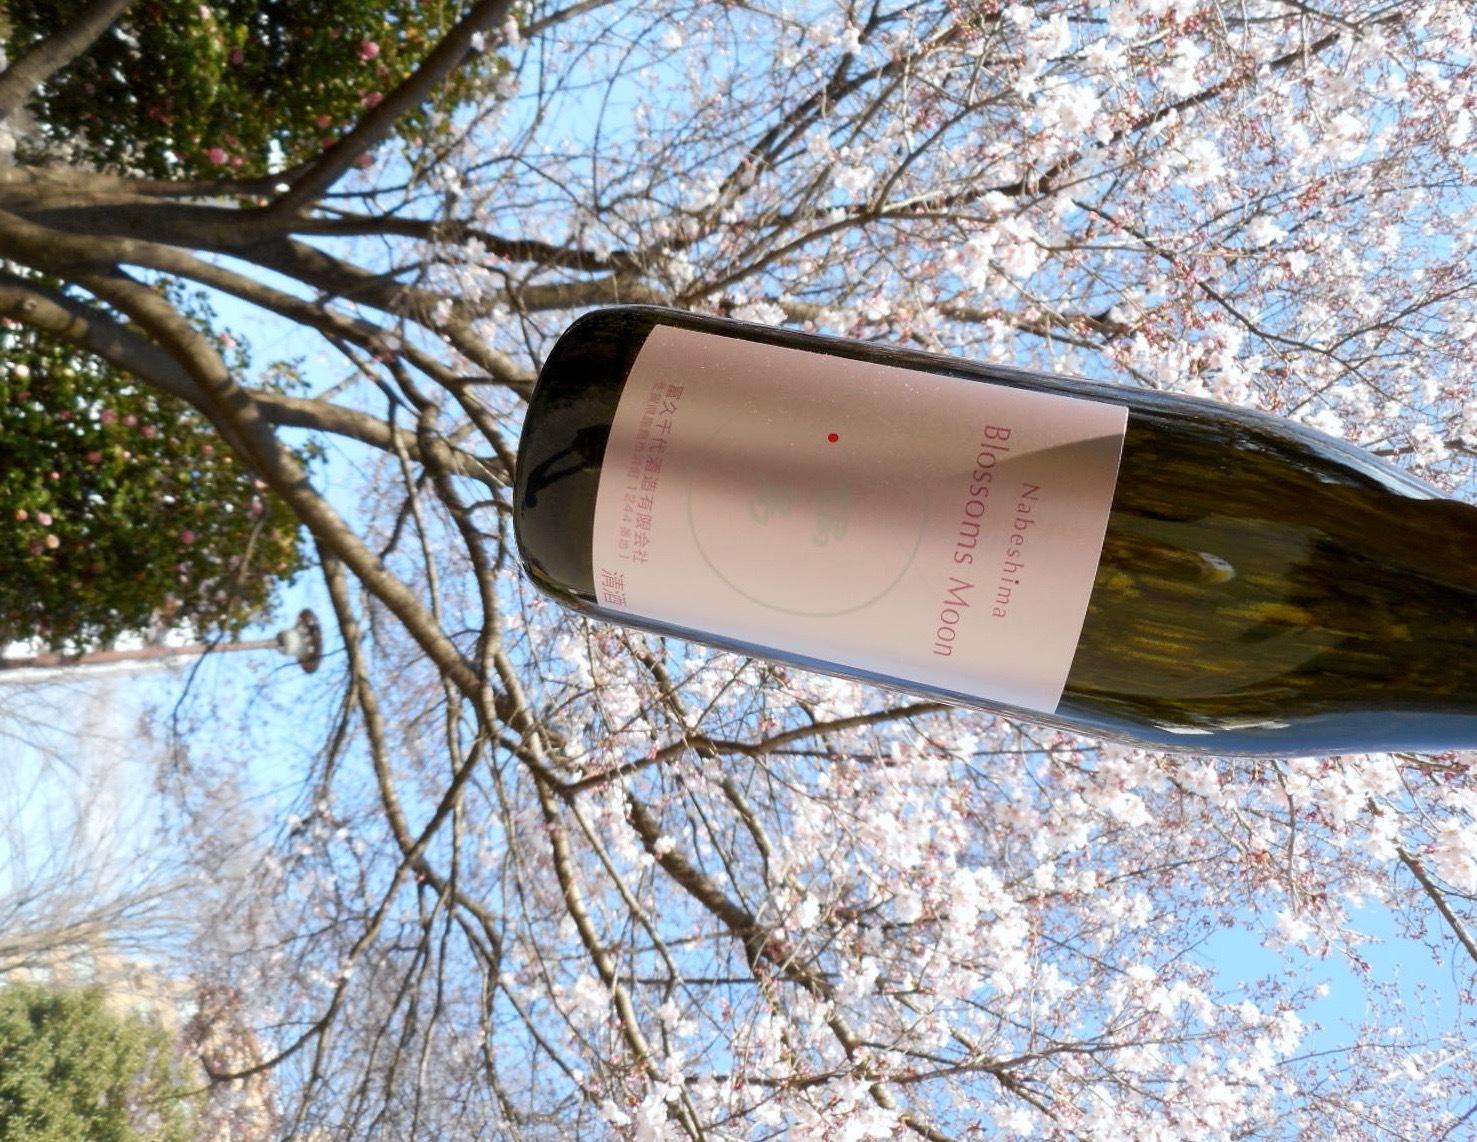 nabeshima_blossom28by4.jpg